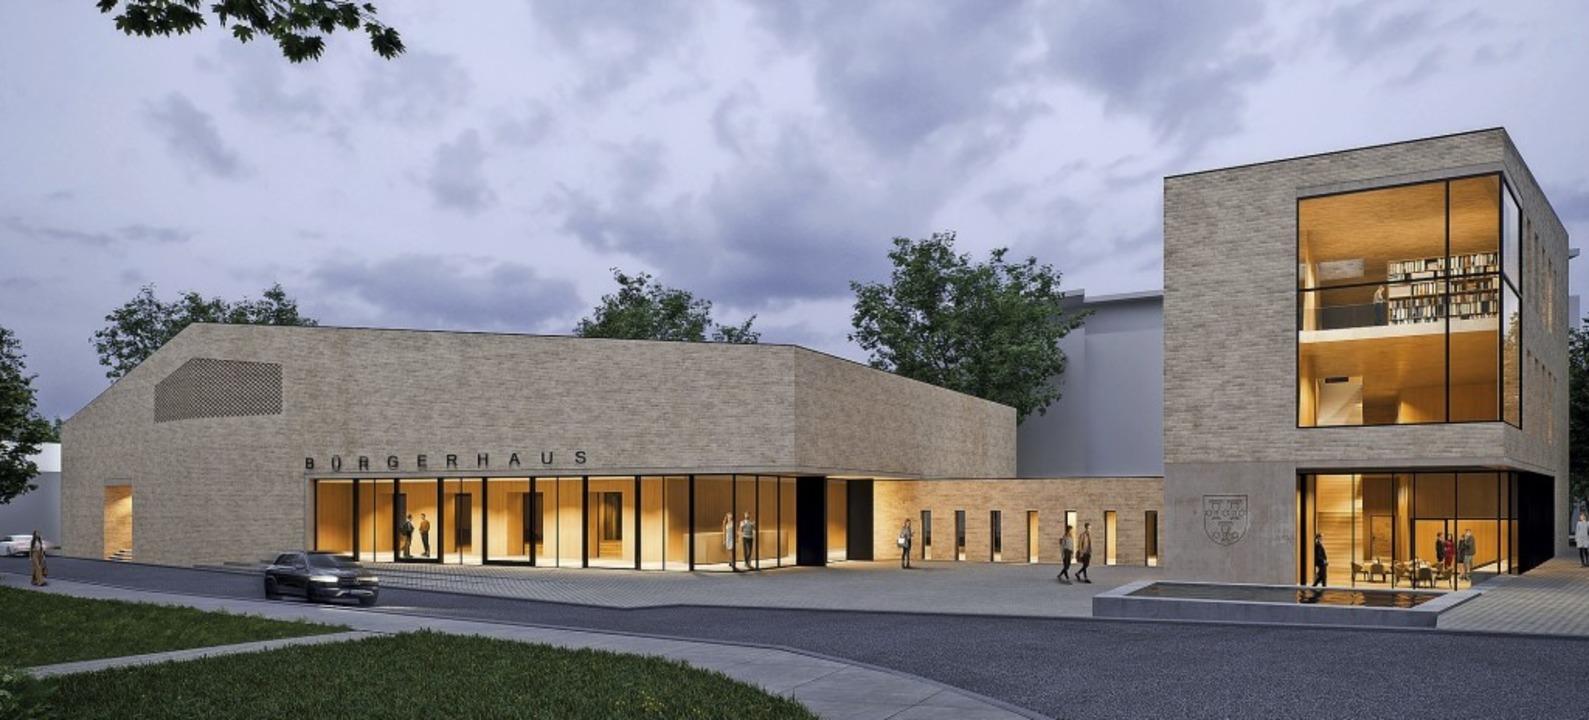 Die aktuellen Pläne für das Bürgerhaus...chtlich Kosten und Nutzung Fragen aus.  | Foto: Fuchs-Maucher-Architekten